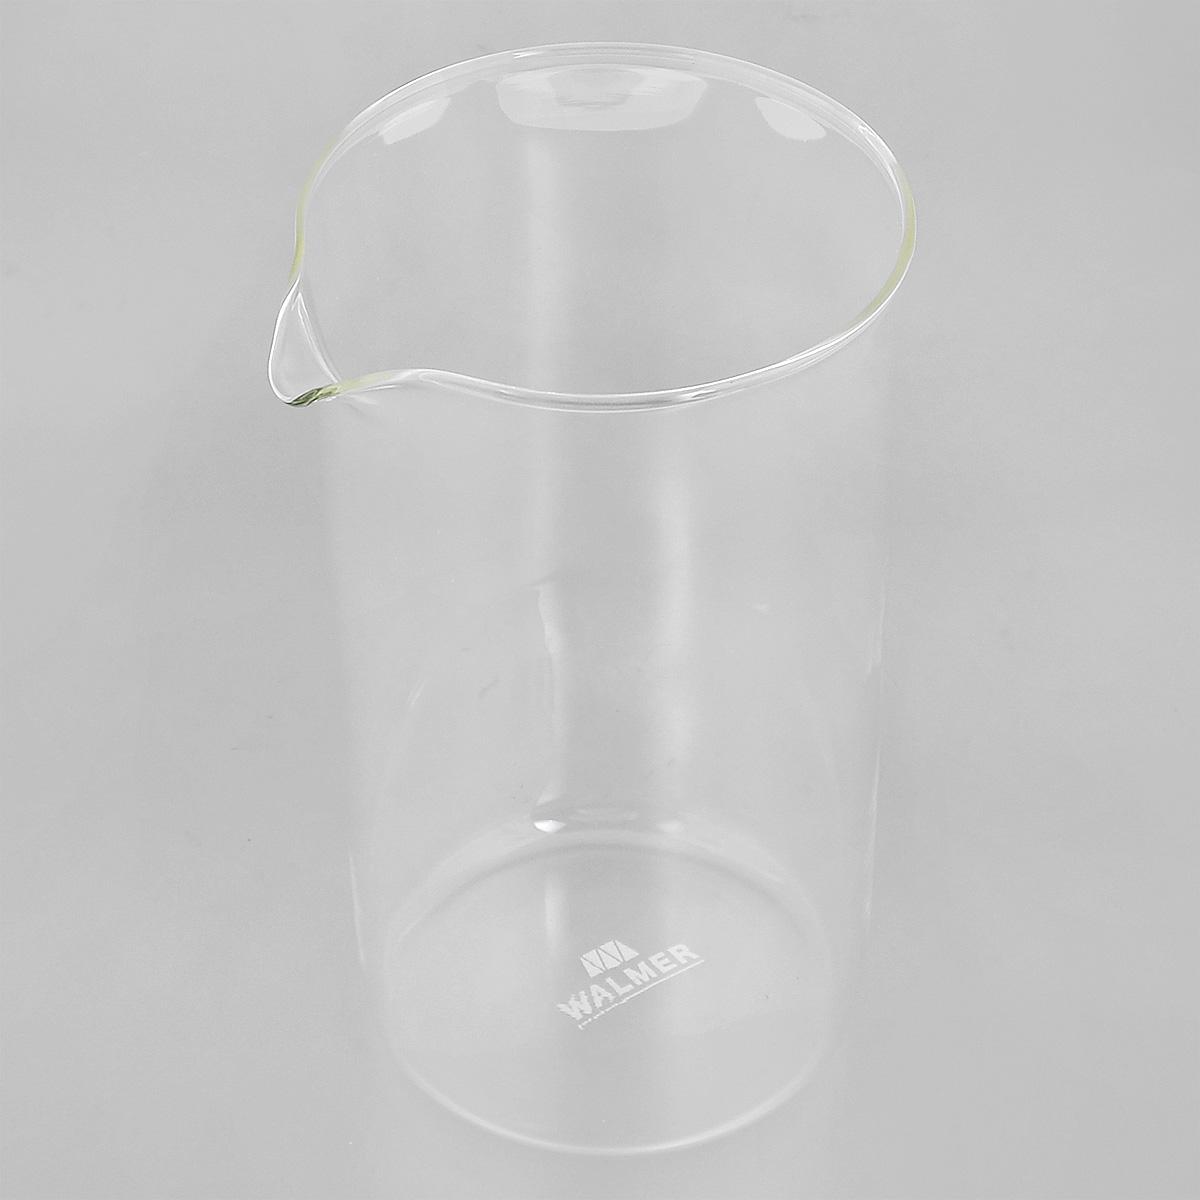 Колба для кофейников Walmer, 1 л54 009312Колба Walmer, изготовленная из высококачественного прозрачного стекла, предназначена для кофейников и френч-прессов. Изделие прекрасно подойдет для замены старой разбитой колбы. Это сосуд, который напрямую контактирует с напитком, поэтому он должен быть выполнен из качественных материалов. Изделие выдерживает высокие температуры и не мутнеет при многократном мытье. Данная колба прослужит вам надежно и долго.Можно мыть в посудомоечной машине.Диаметр: 10 см.Высота: 18 см.Объем: 1 л.